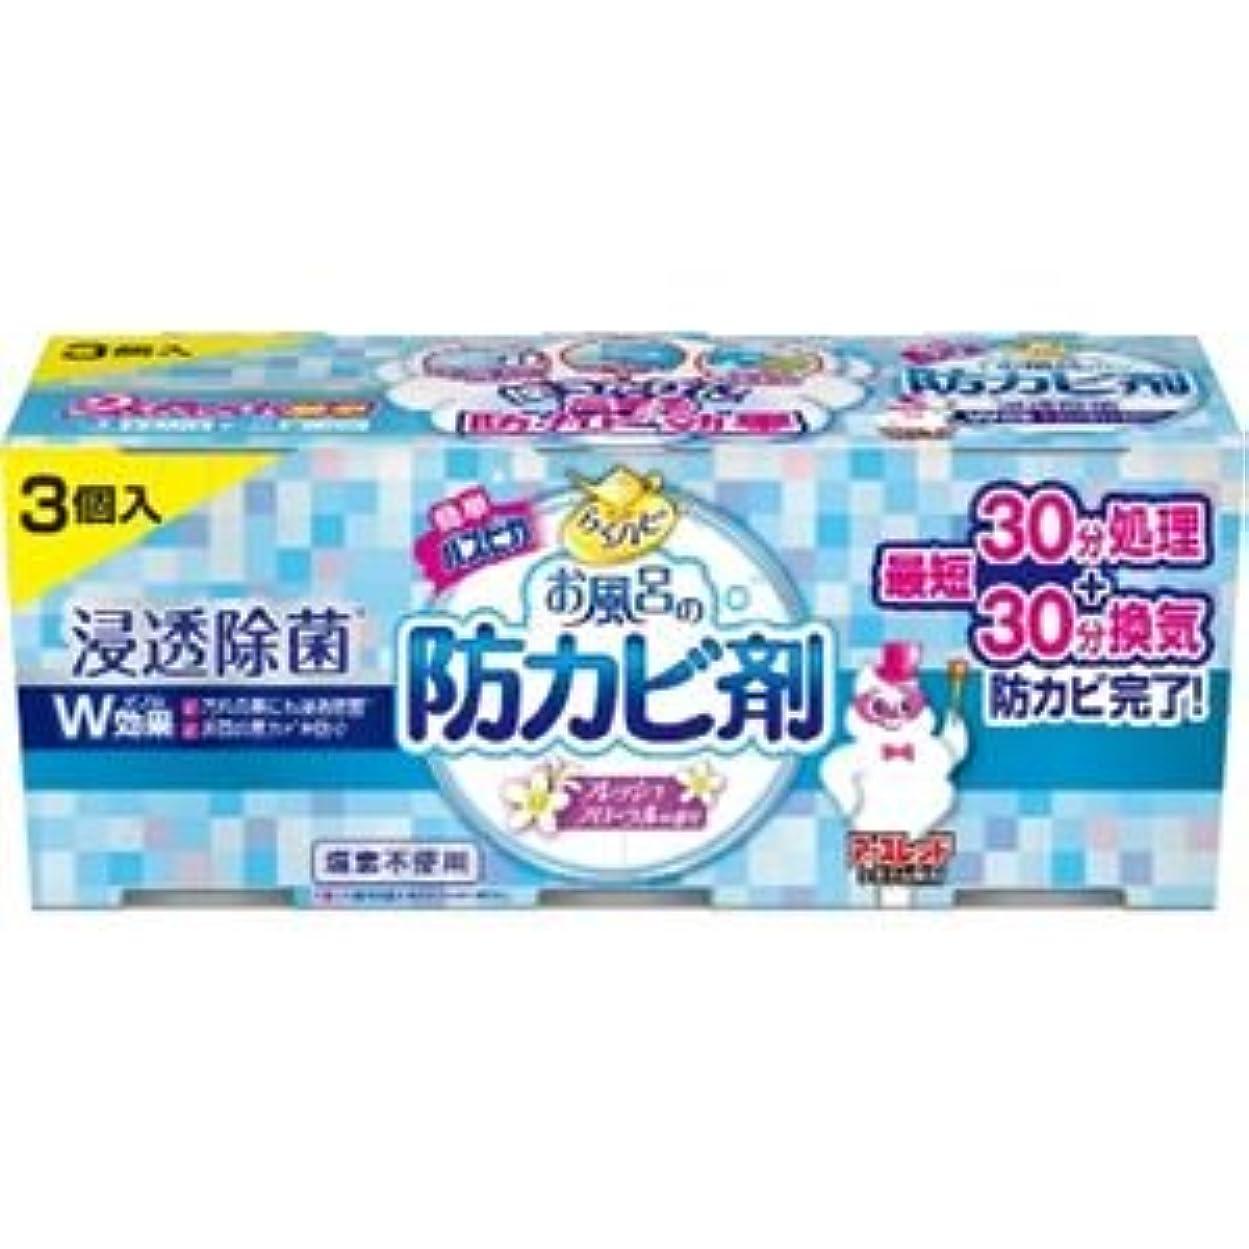 チャット省略するやさしいアース製薬 らくハピお風呂の防カビ剤フローラル3個パック ×1点